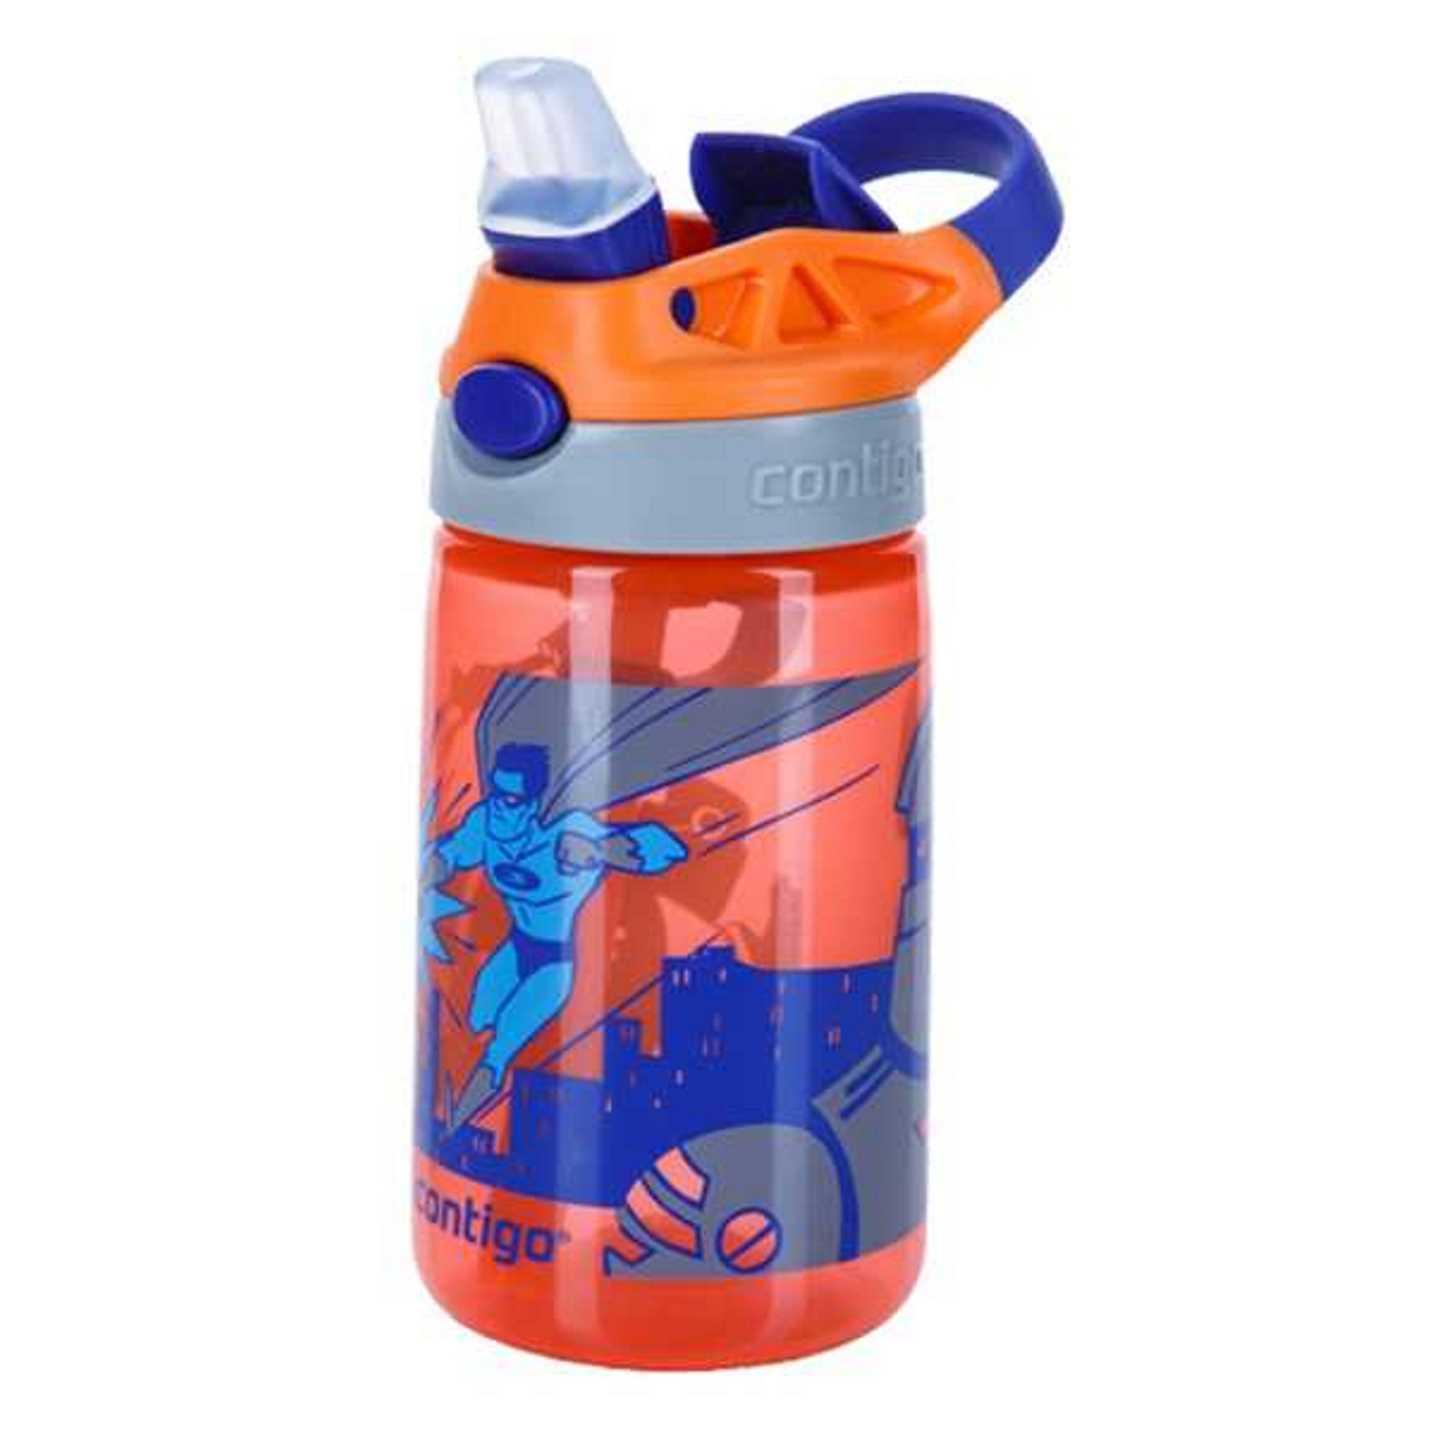 Онлайн каталог PROMENU: Бутылка детская Contigo GIZMO FLIP, объем 0,42 л, оранжевый Contigo 2094998